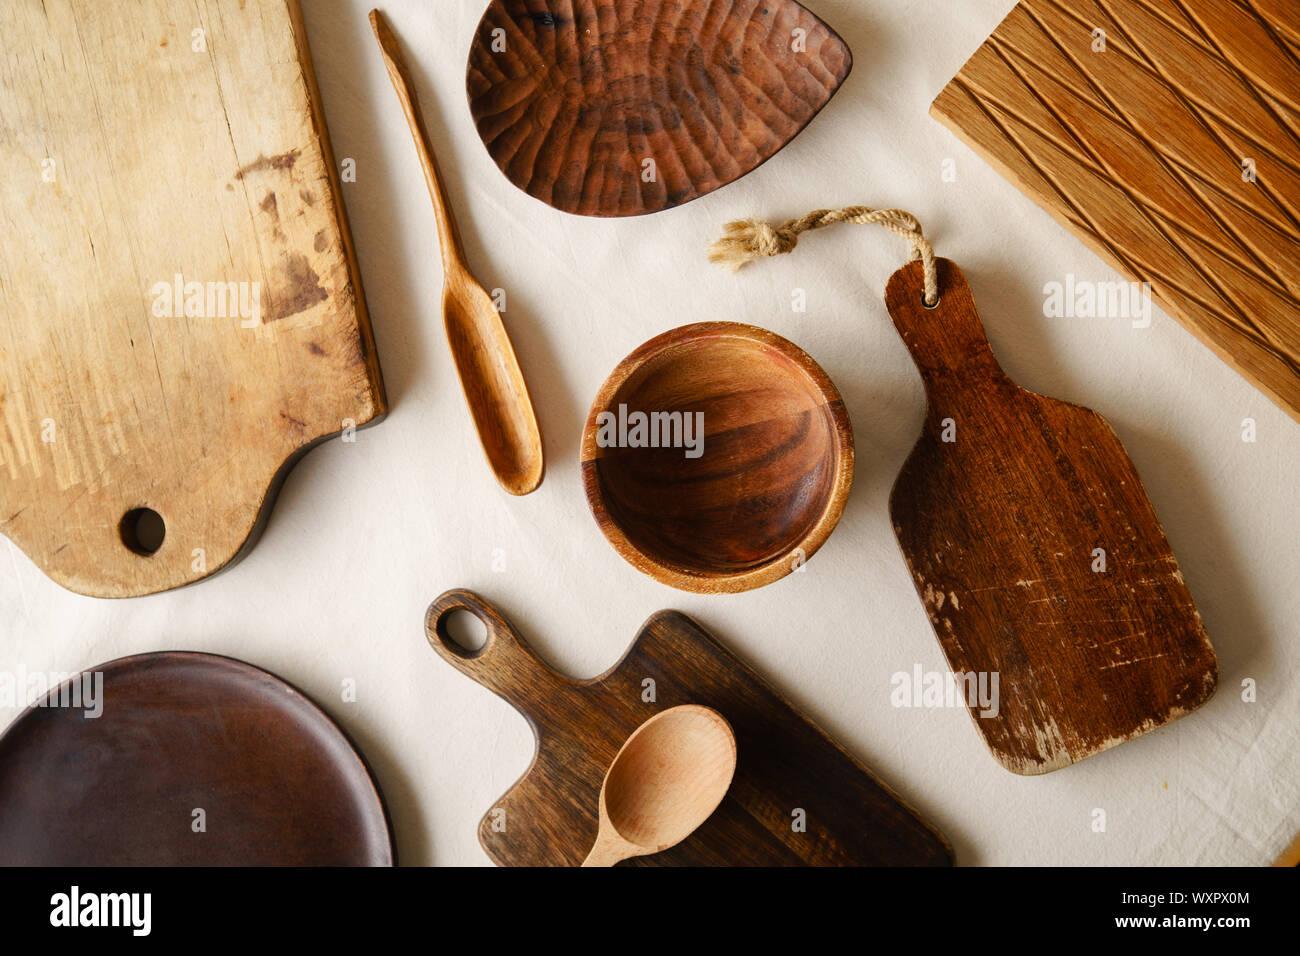 Varios las vajillas de madera. Las tablas de cortar, cucharas de diferentes formas, el plato y el cuenco en el mantel de lino Foto de stock